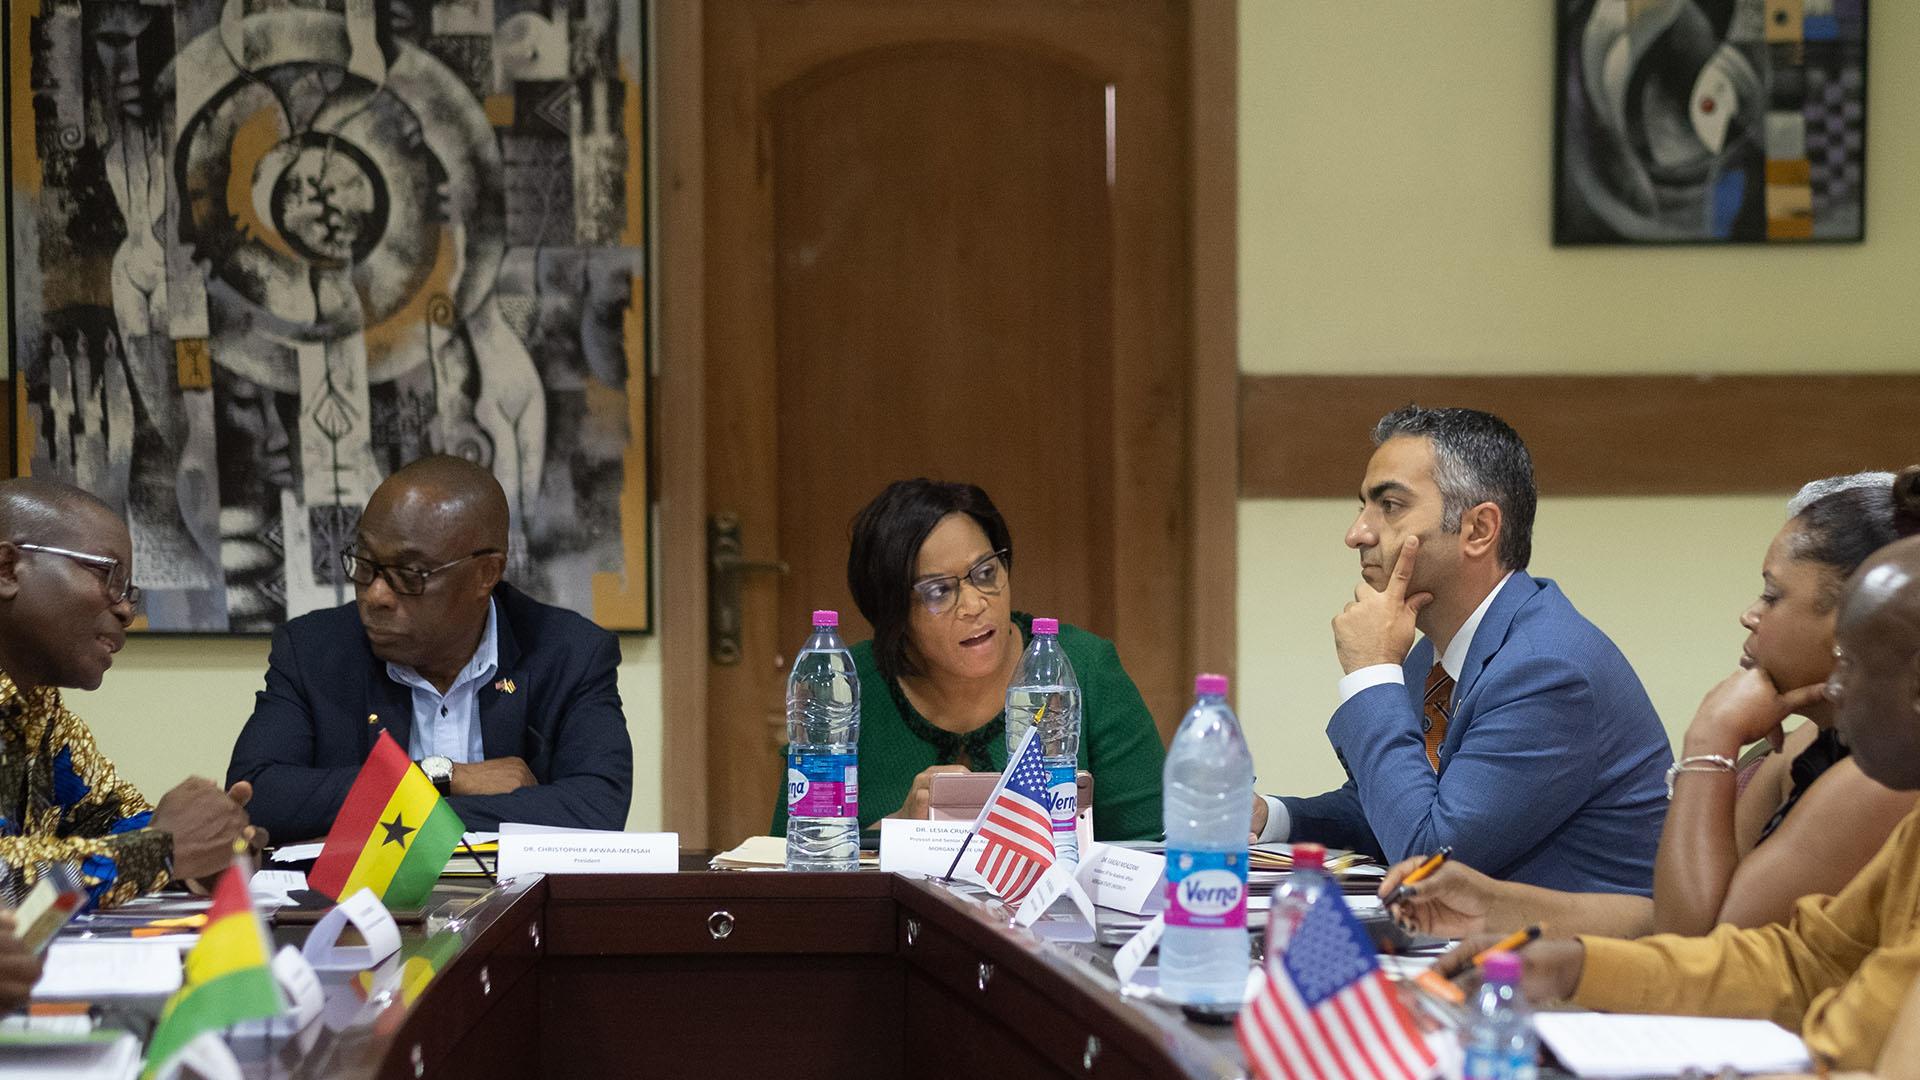 morgan state university meeting in ghana